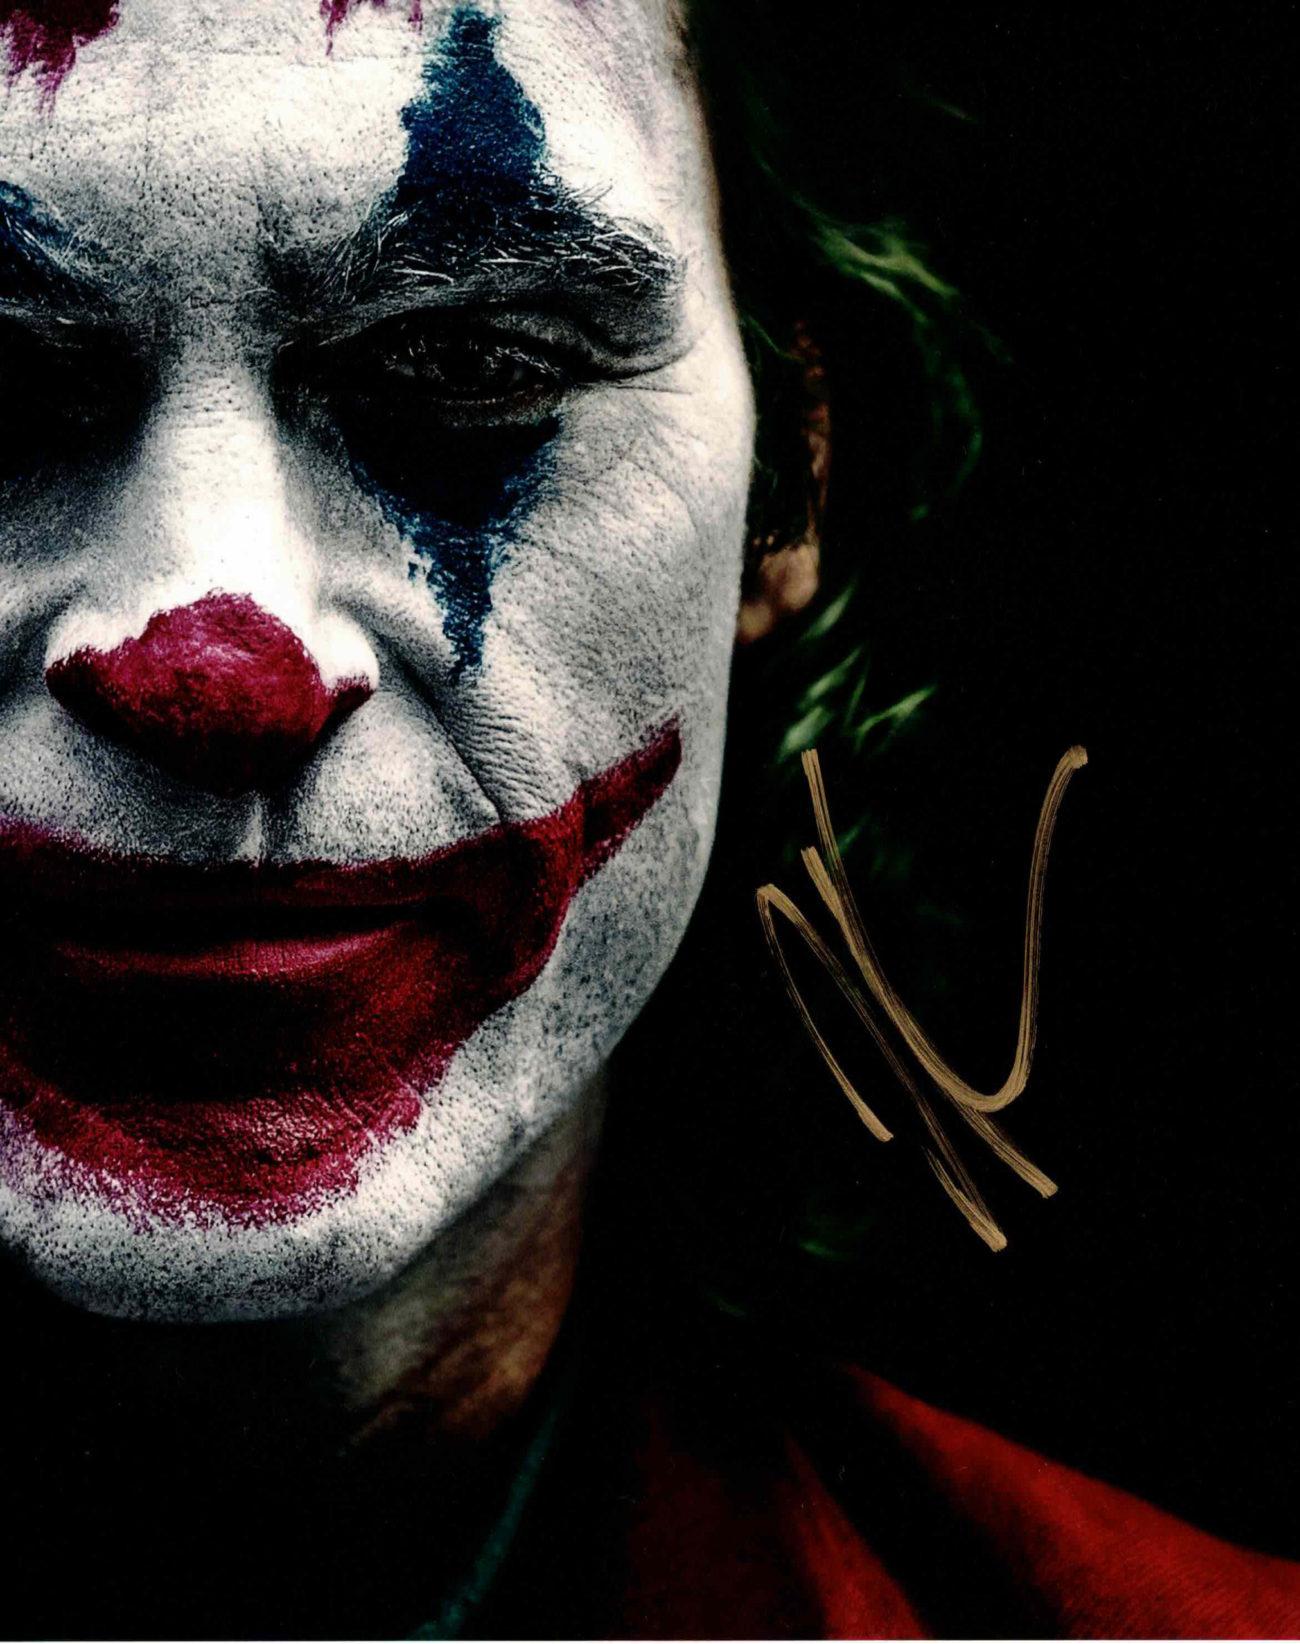 Joaquin Phoenix / Joker - autogram